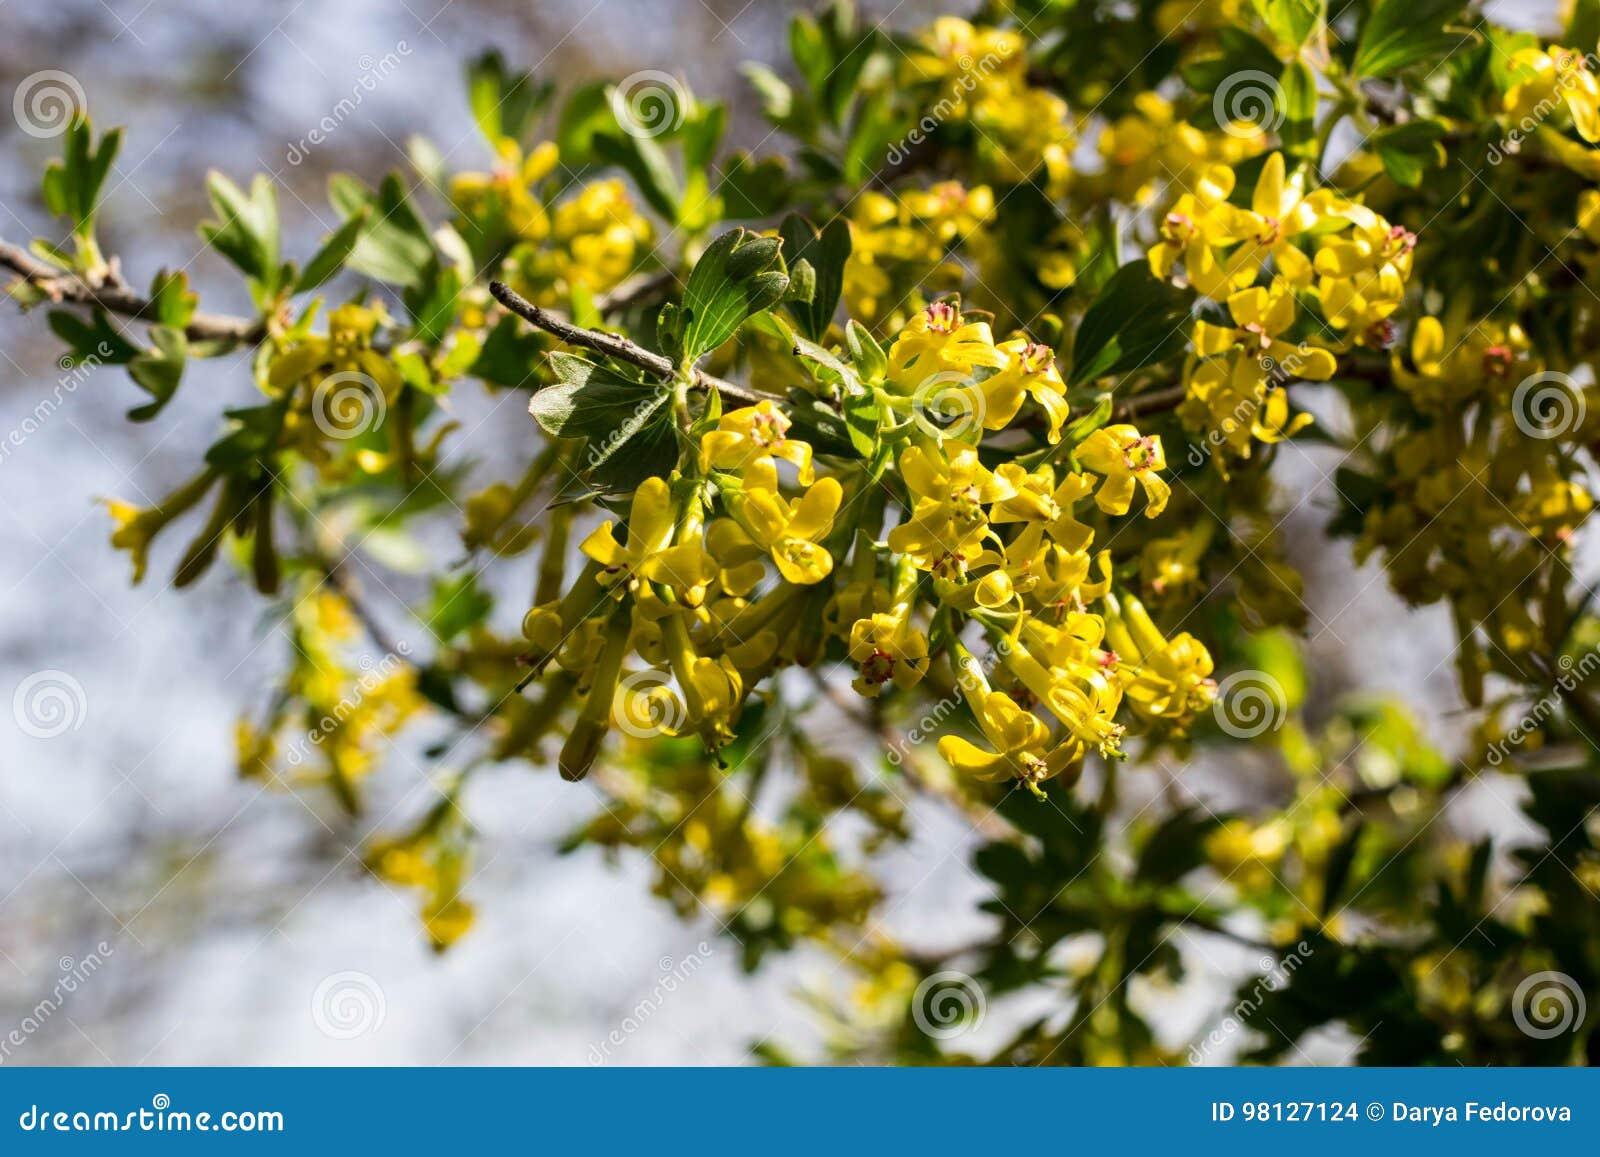 Fleurs Jaunes De Cassis En Fleur Au Printemps Photo Stock Image